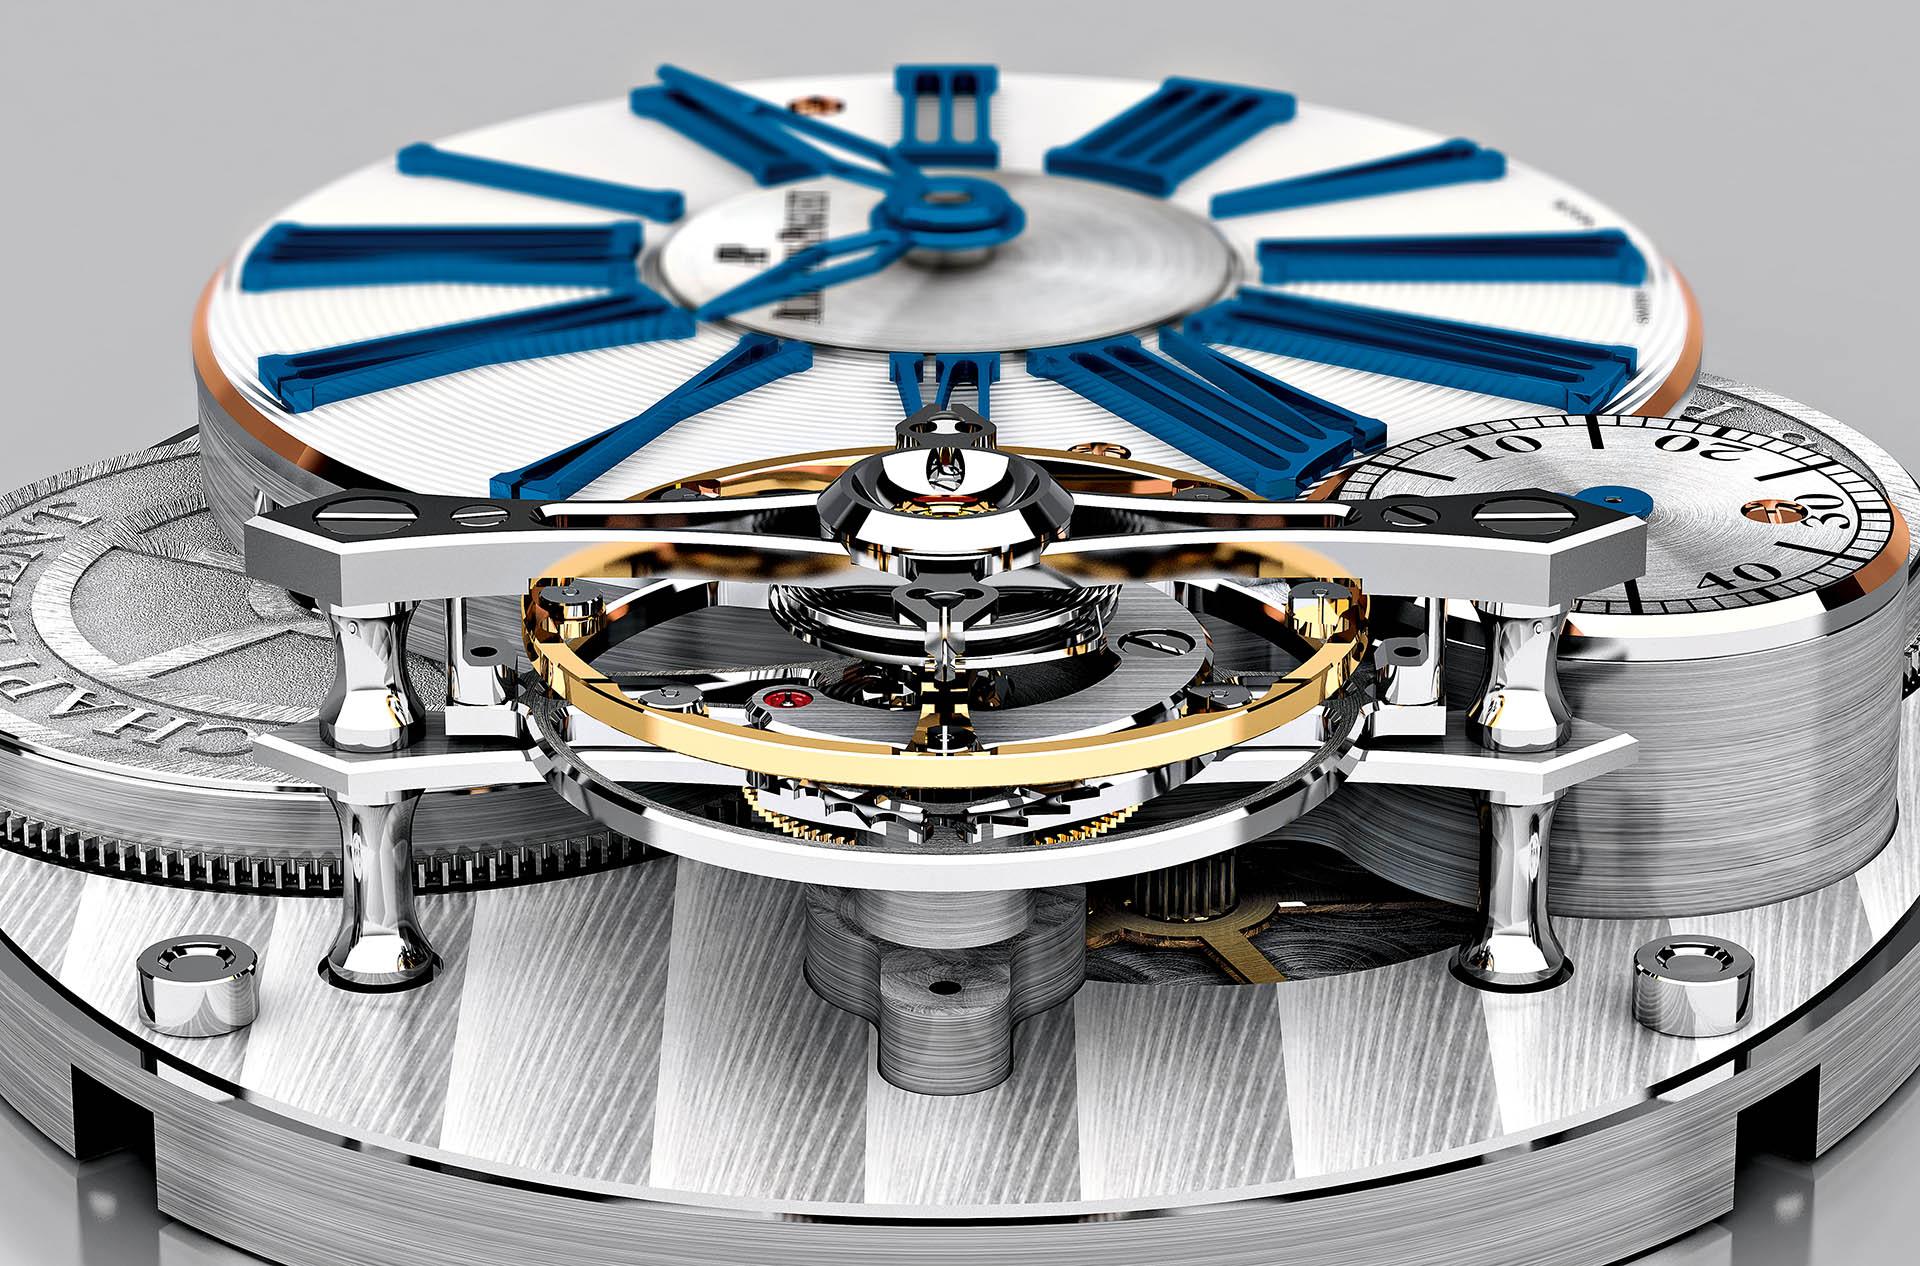 Chronometerheummug